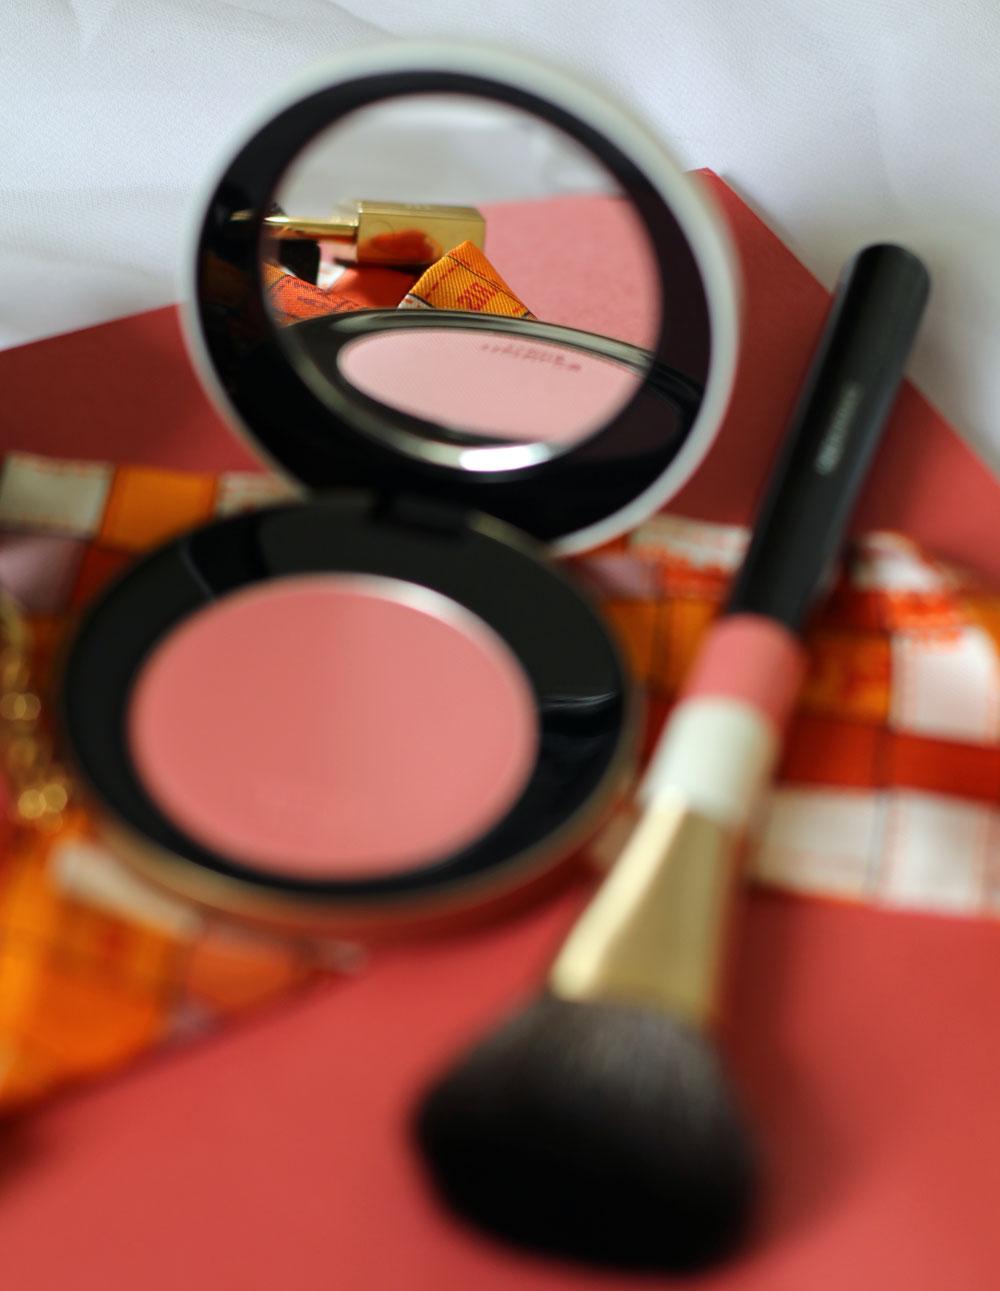 Pretty in pink: Die Makeup-Produkte der neuen Kollektion Rose Hermes sind eine wunderschöne Hommage an die Farbe Rosa.